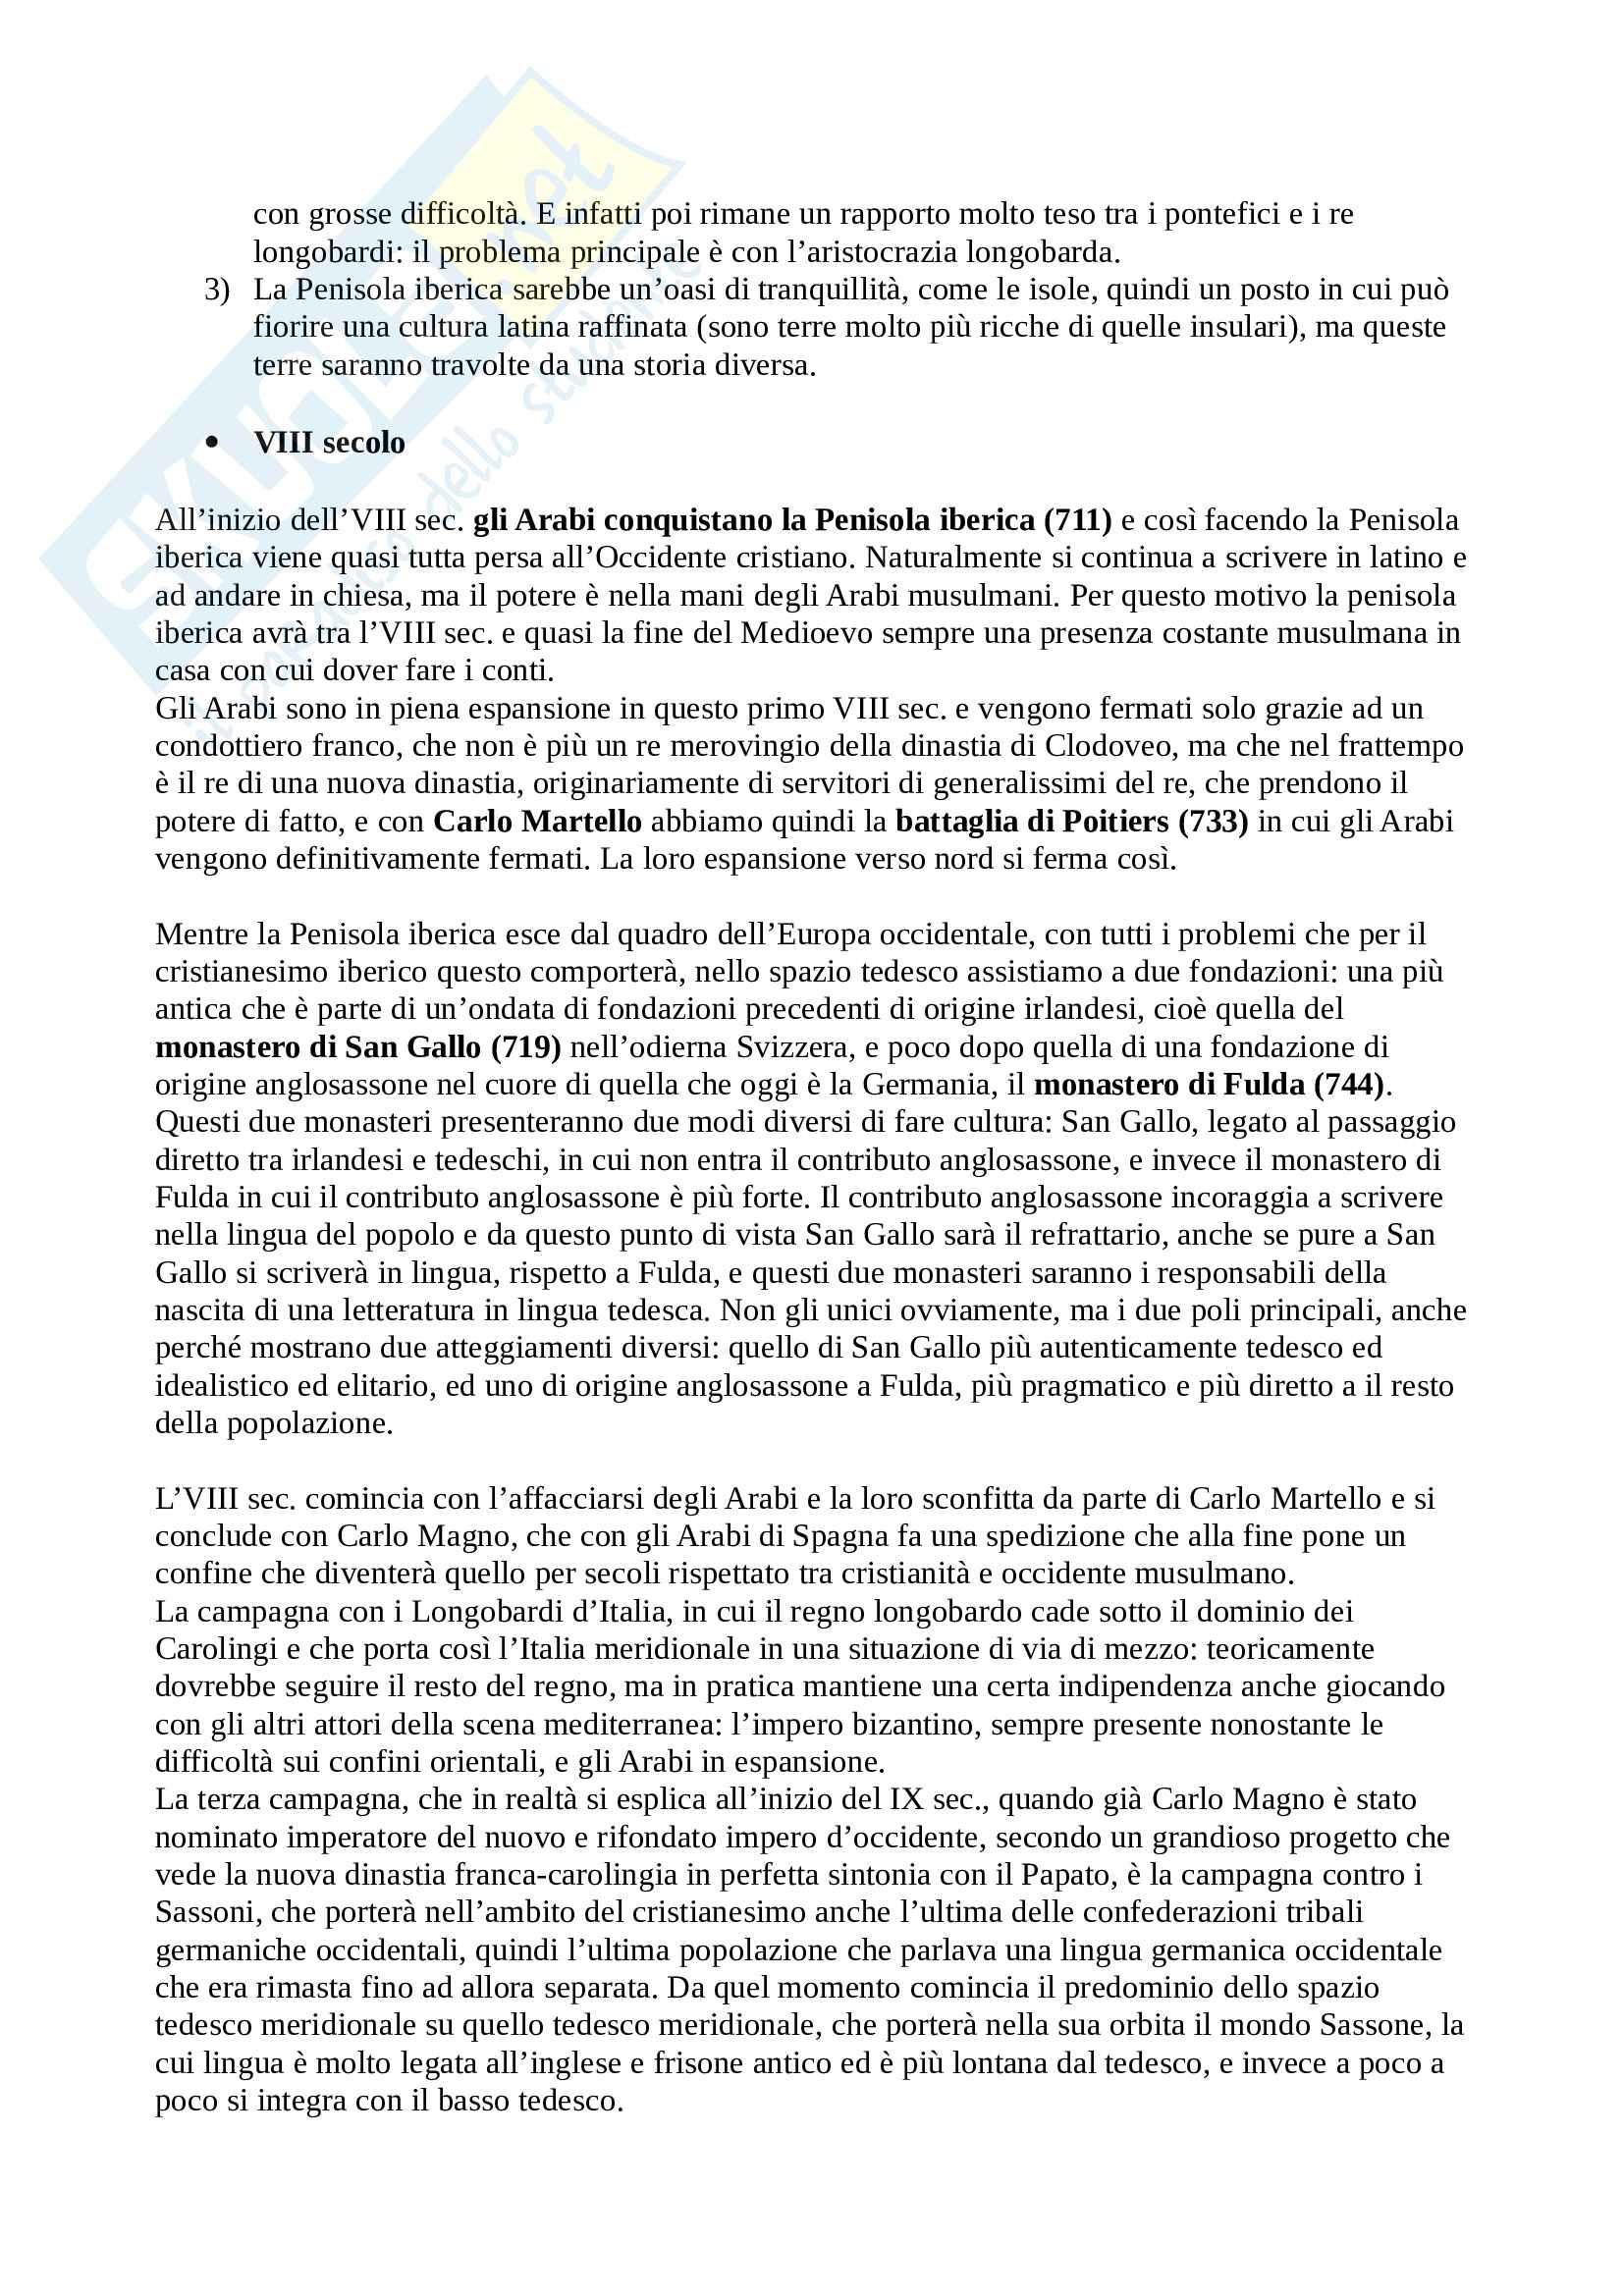 Storia IV - IX secolo - Filologia germanica Pag. 6